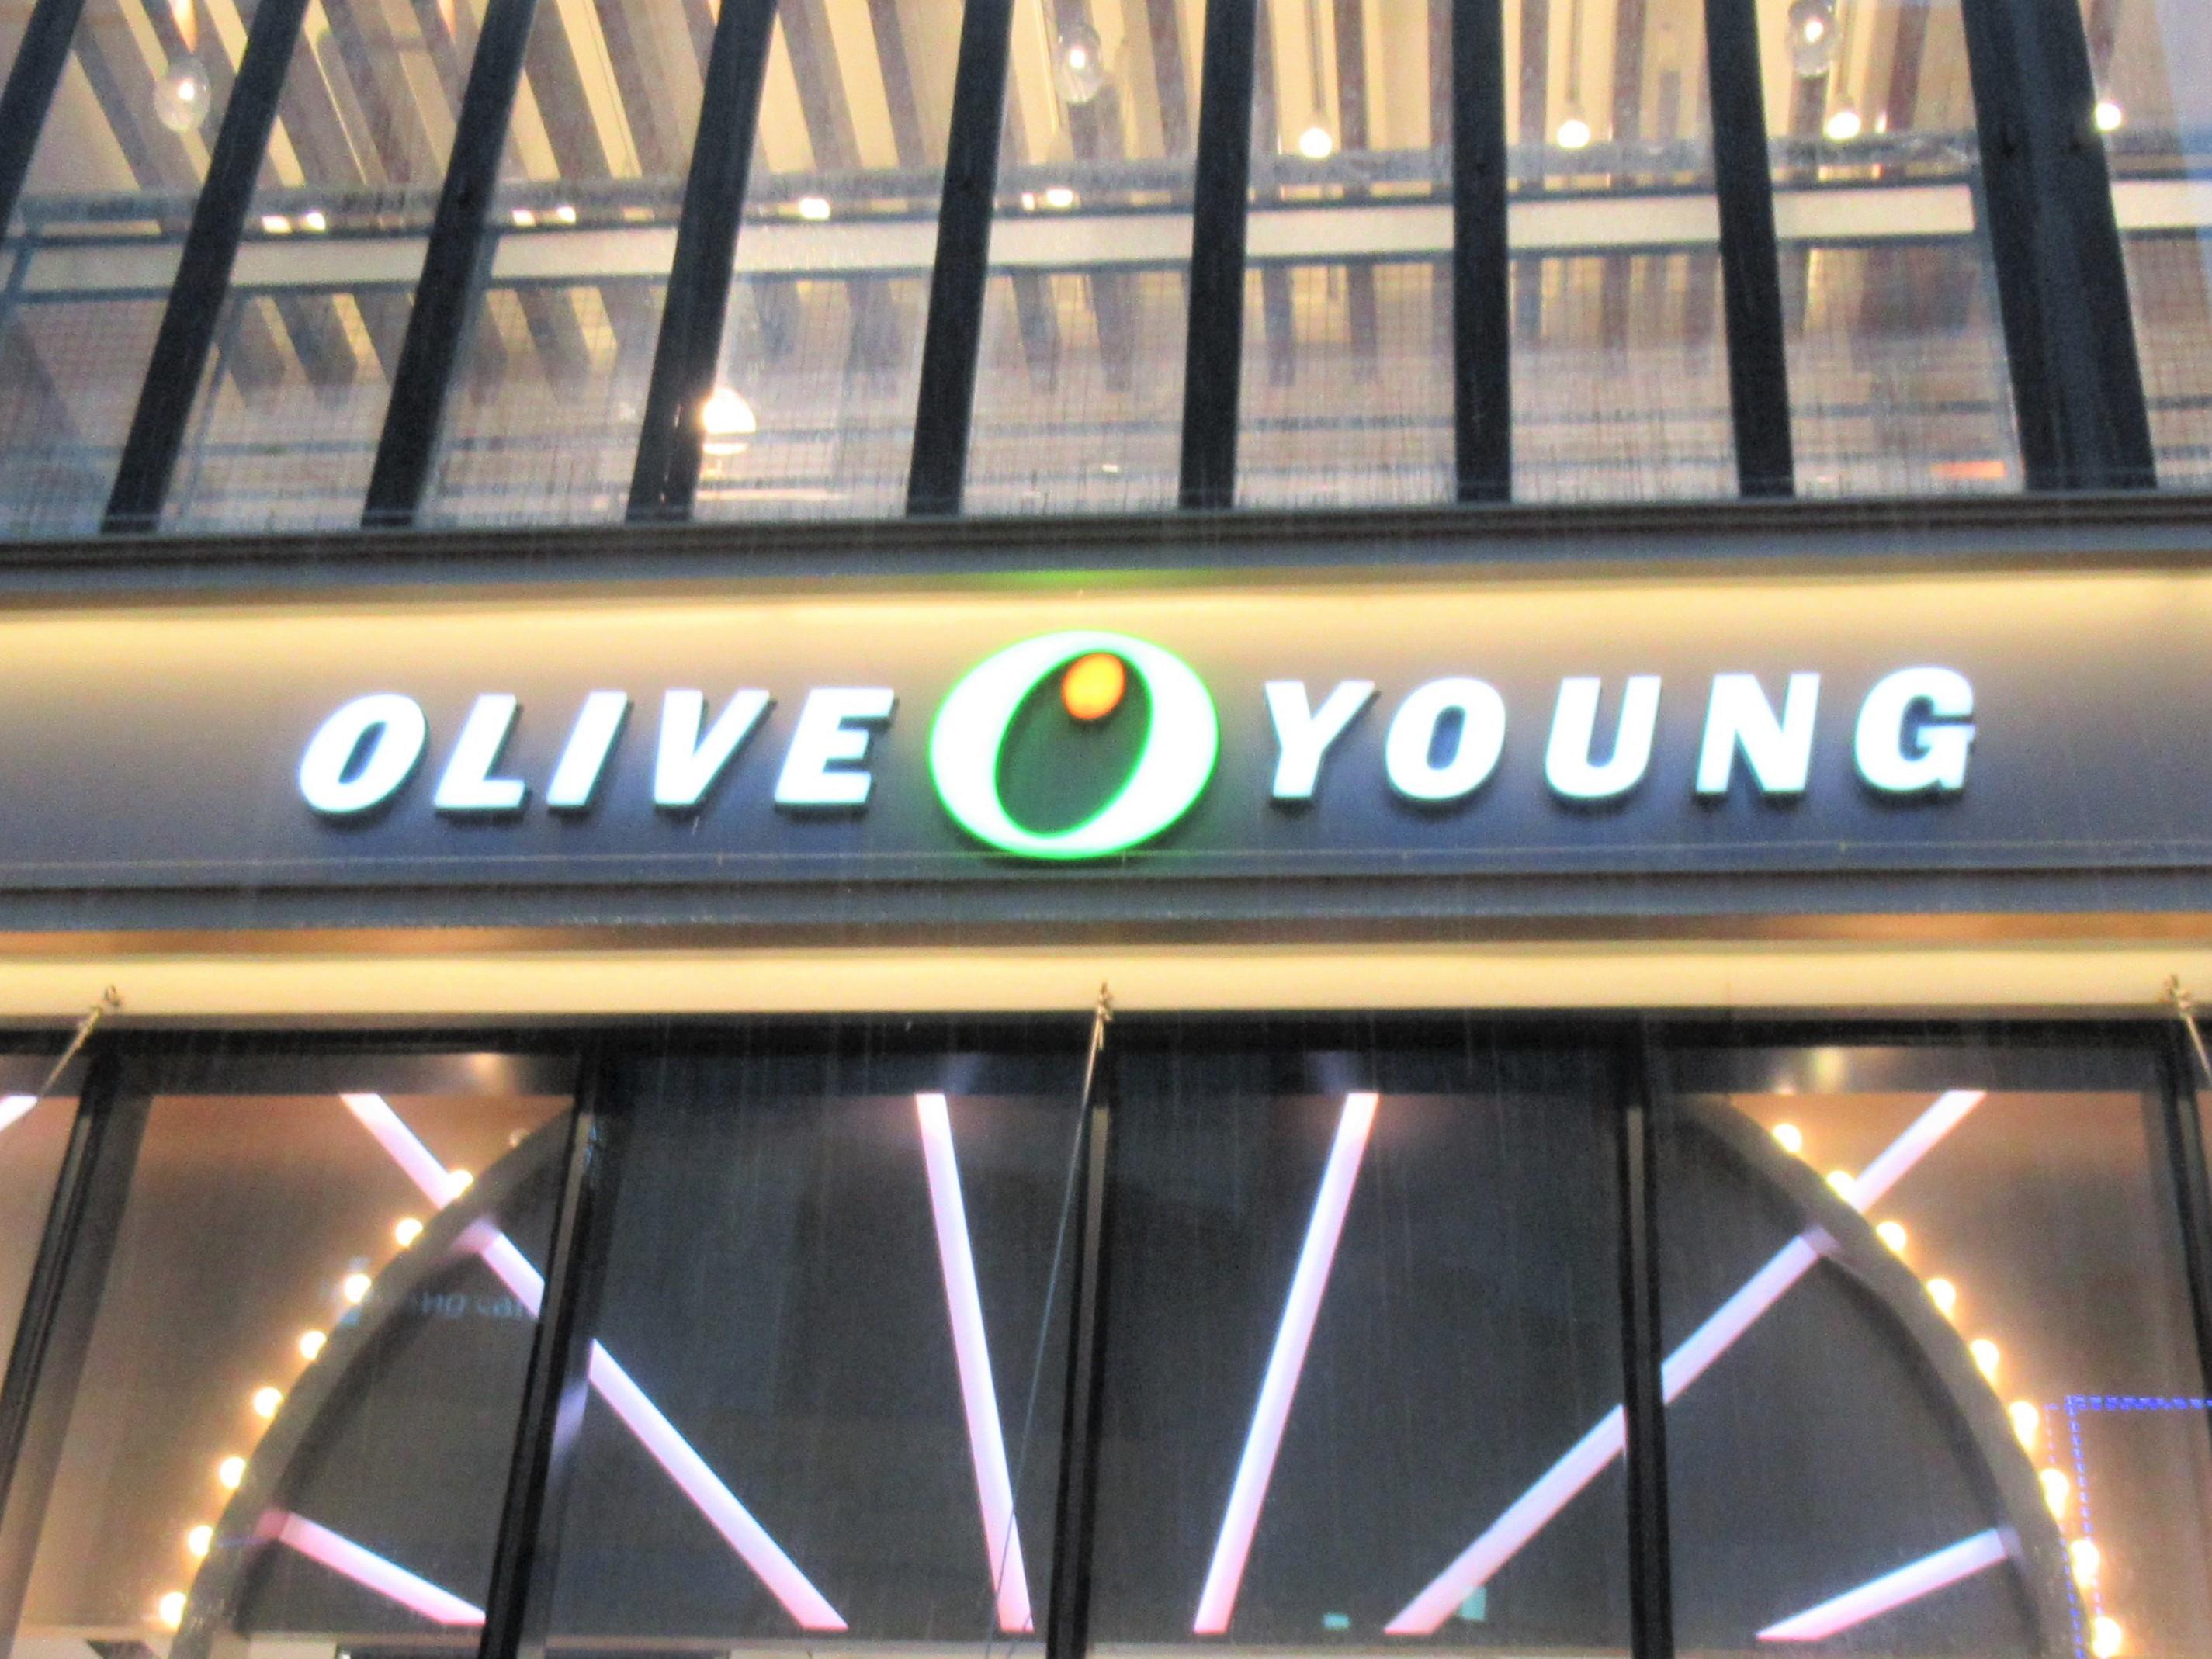 南浦洞のオリーブヤングアウトレット☆場所と営業時間と購入品|釜山ブログ旅